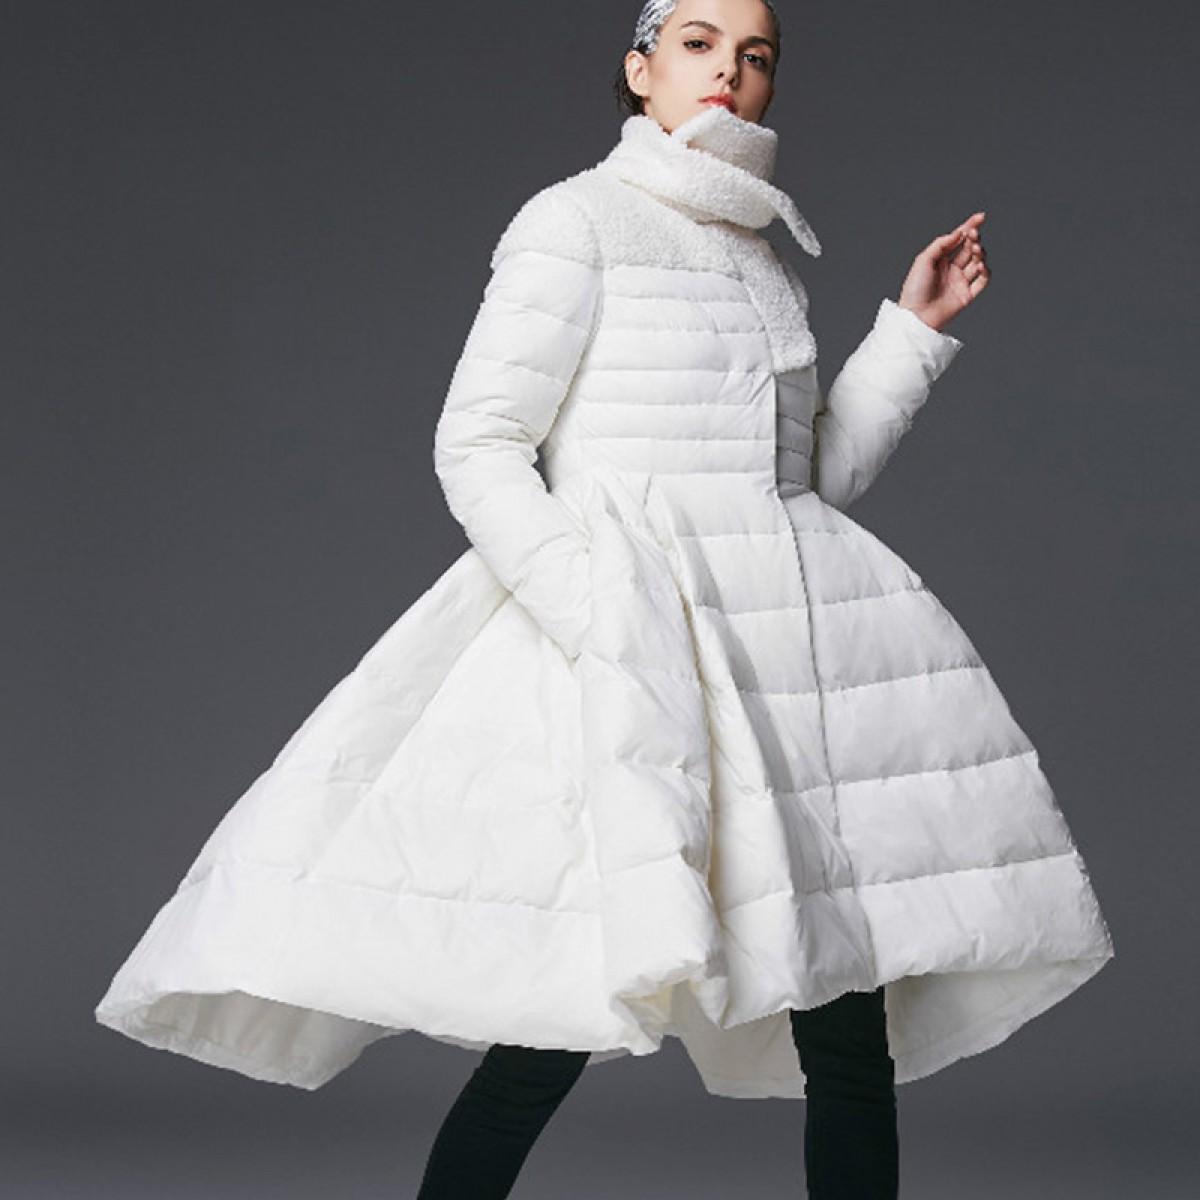 белое пуховик-платье с пышной юбкой королевский шик модная модель зимнего сезона